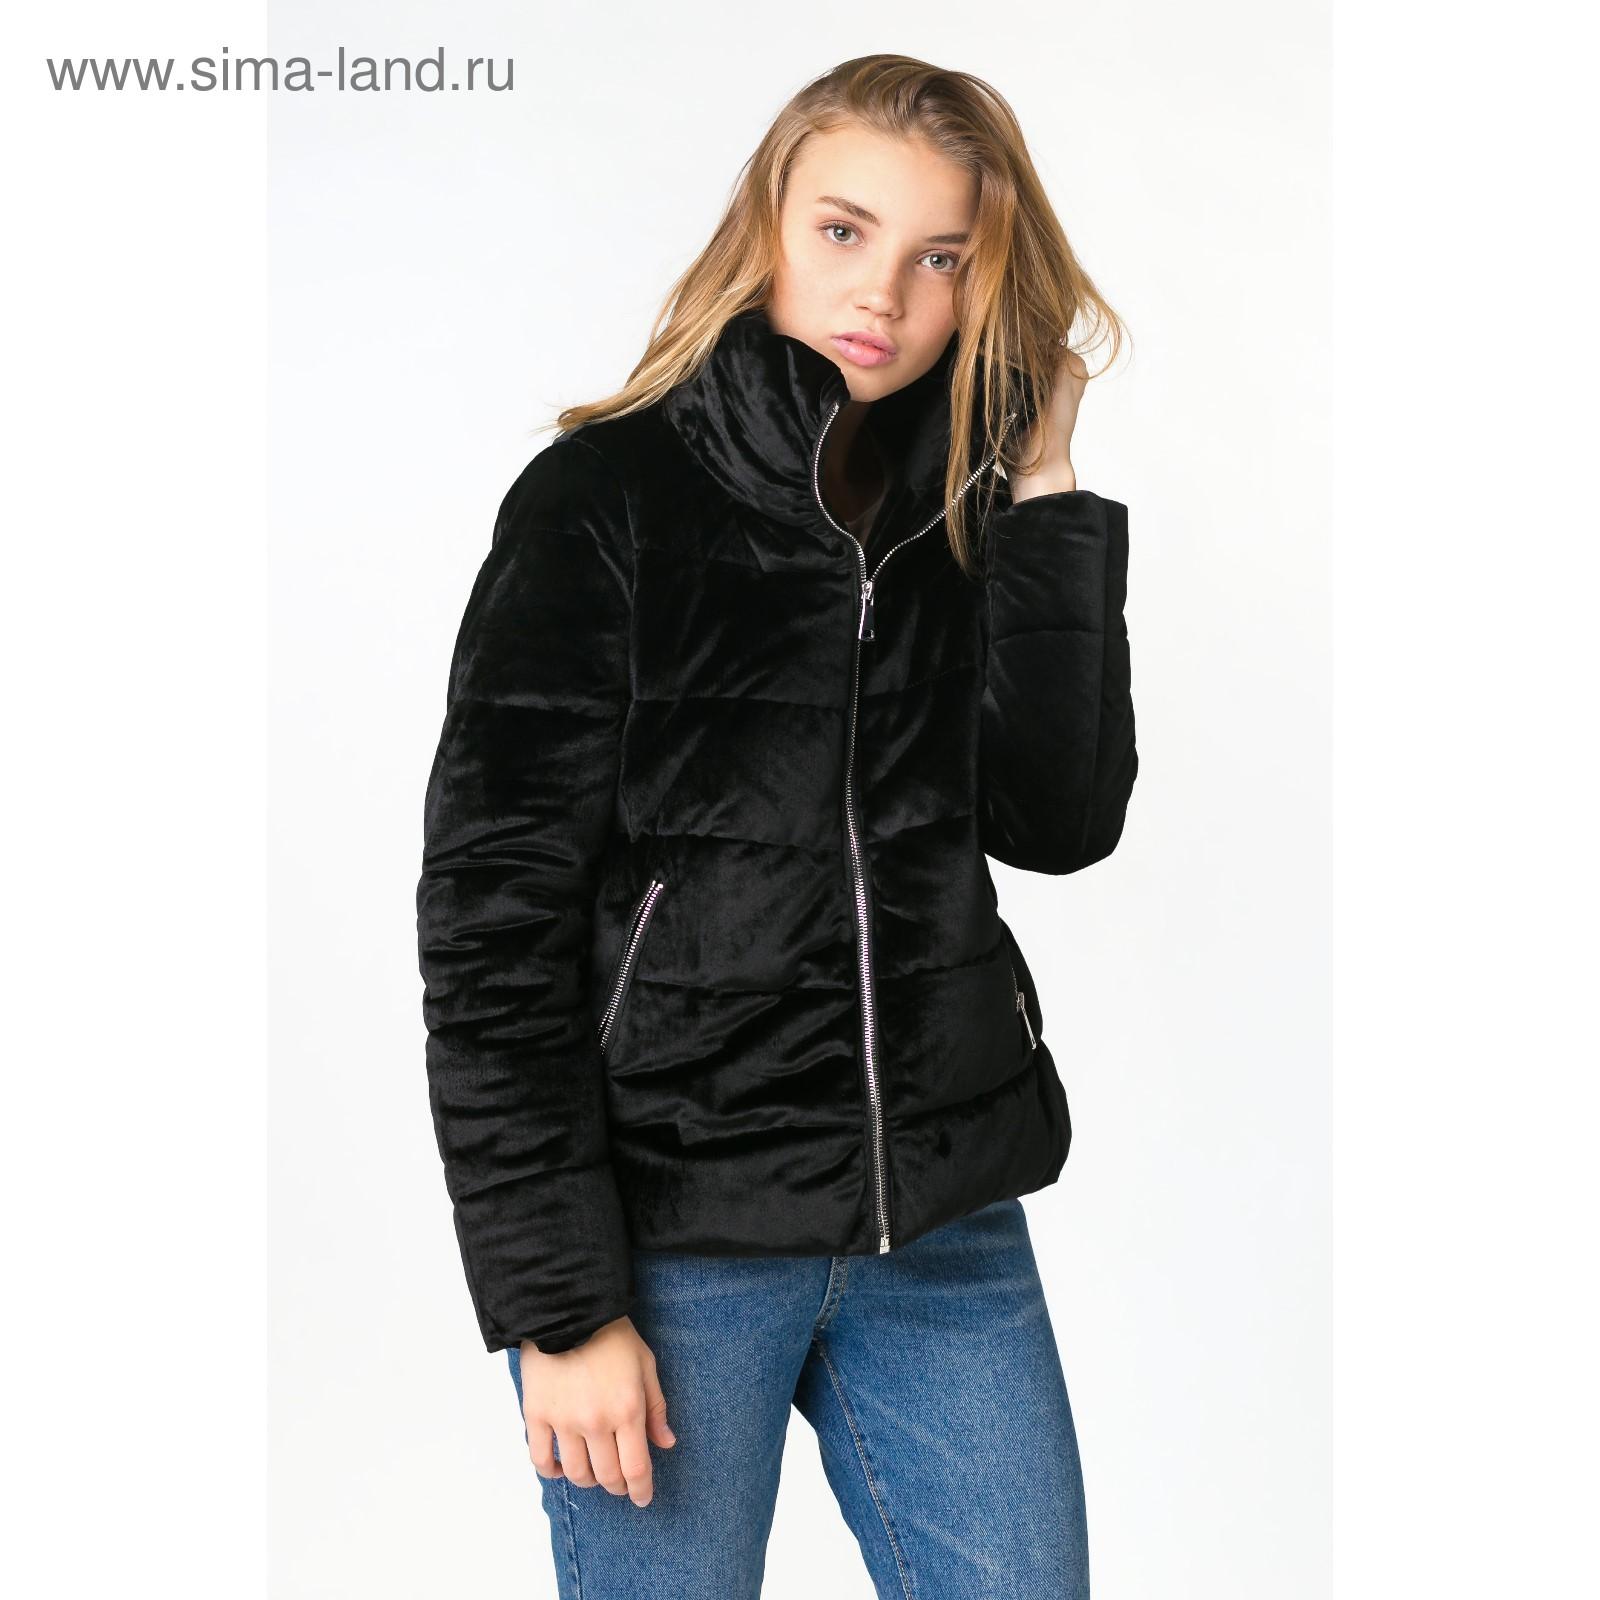 Куртка женская утепленная бархатная aa1958c12e88d